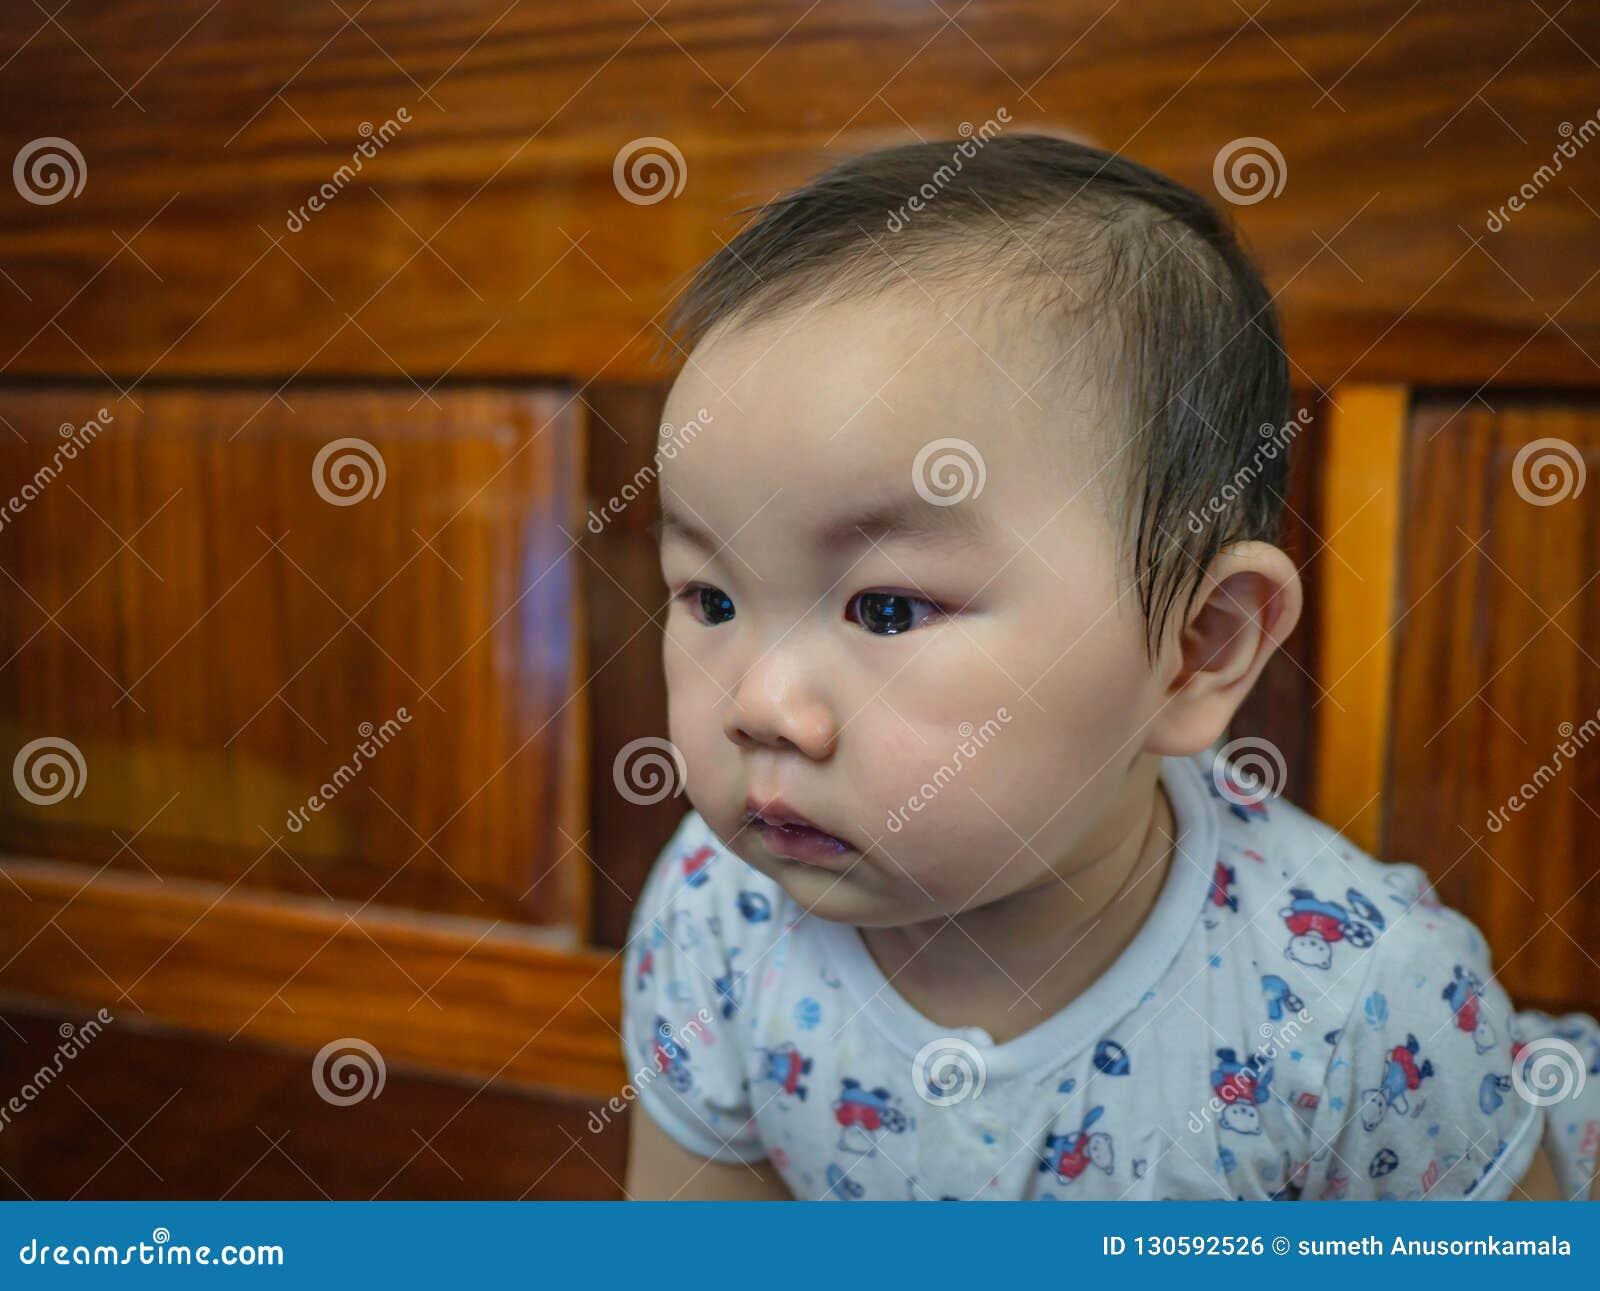 Cutie och den stiliga asiatiska pojken behandla som ett barn, eller spädbarnet gör en framsida som intresserat